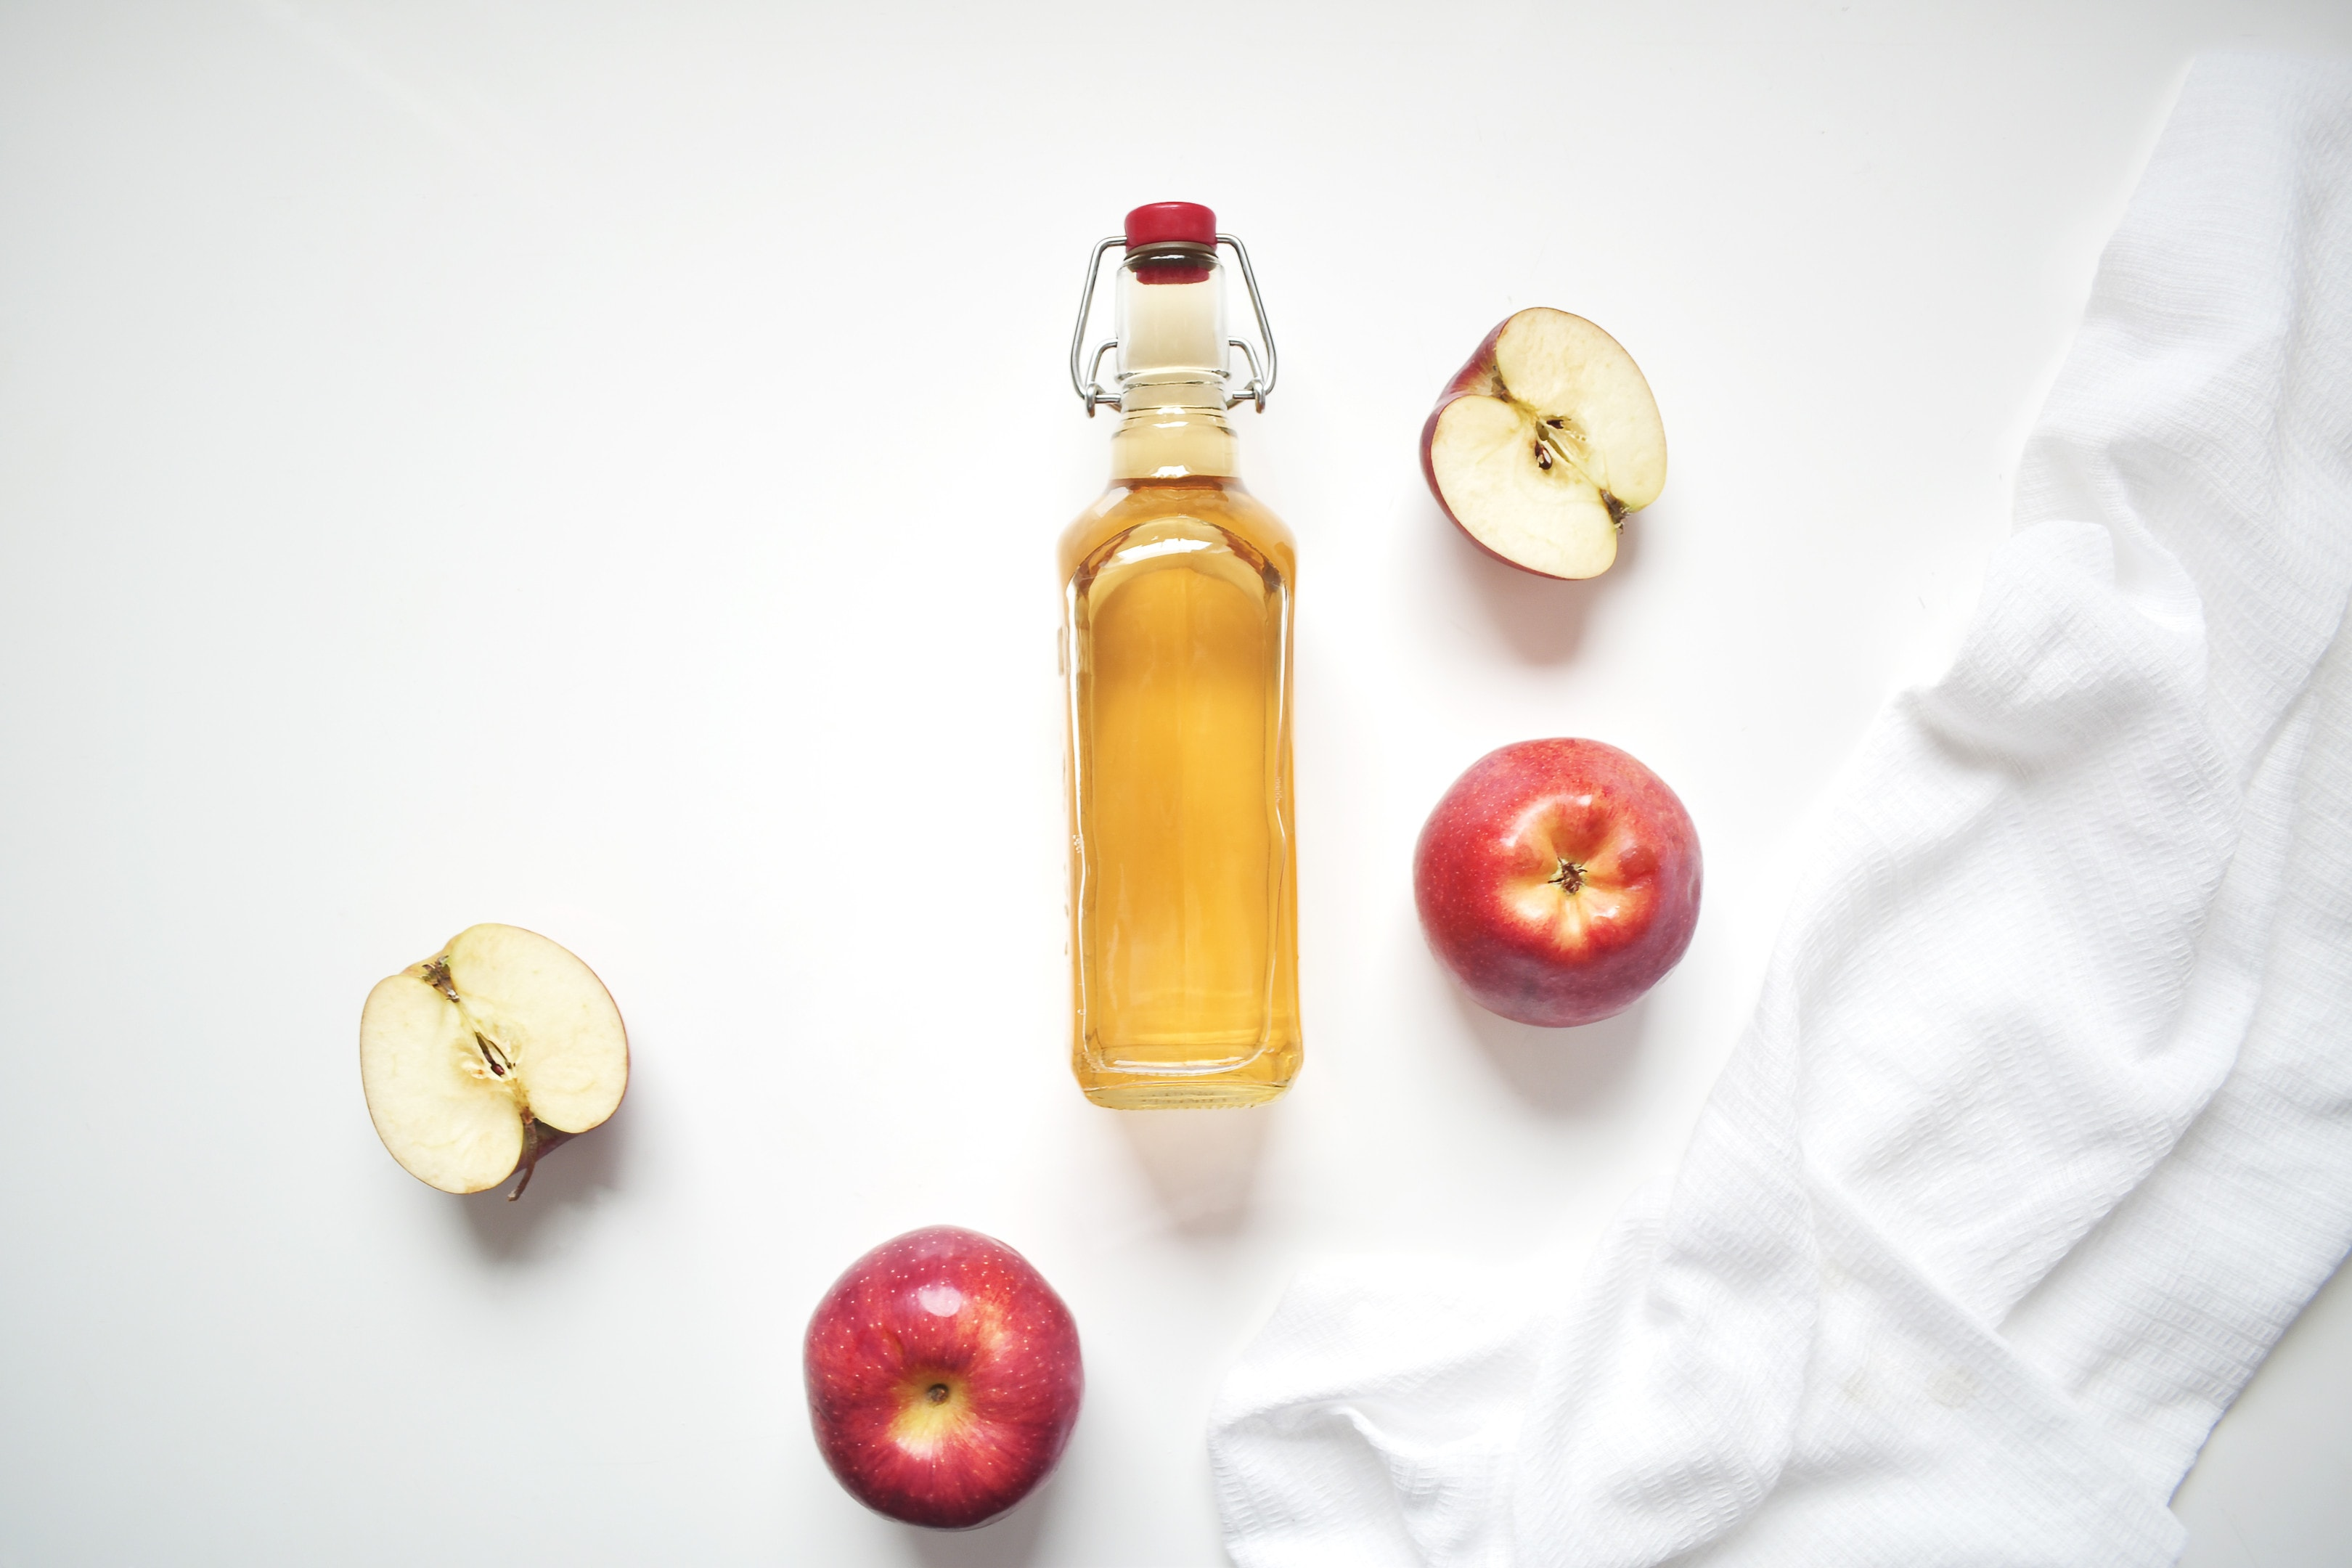 Natural apple cider vinegar on white background